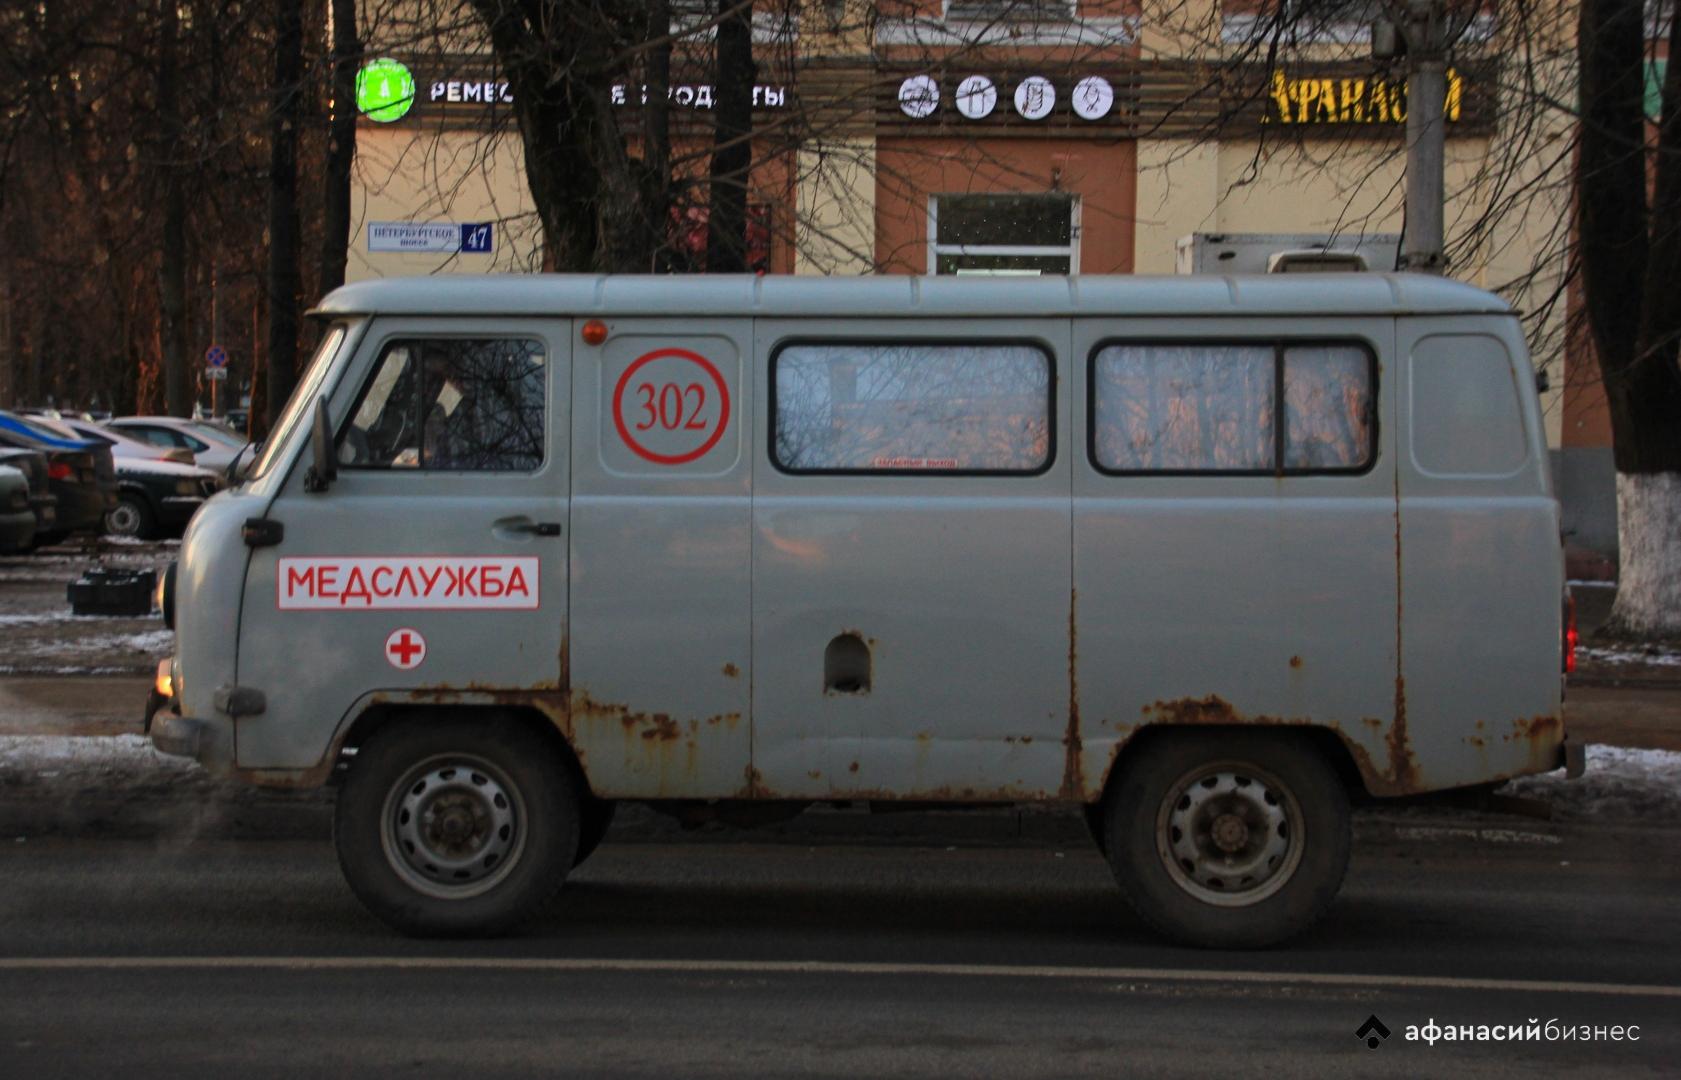 Жителей Тверской области предупредили о штрафах за ложный вызов скорой - новости Афанасий